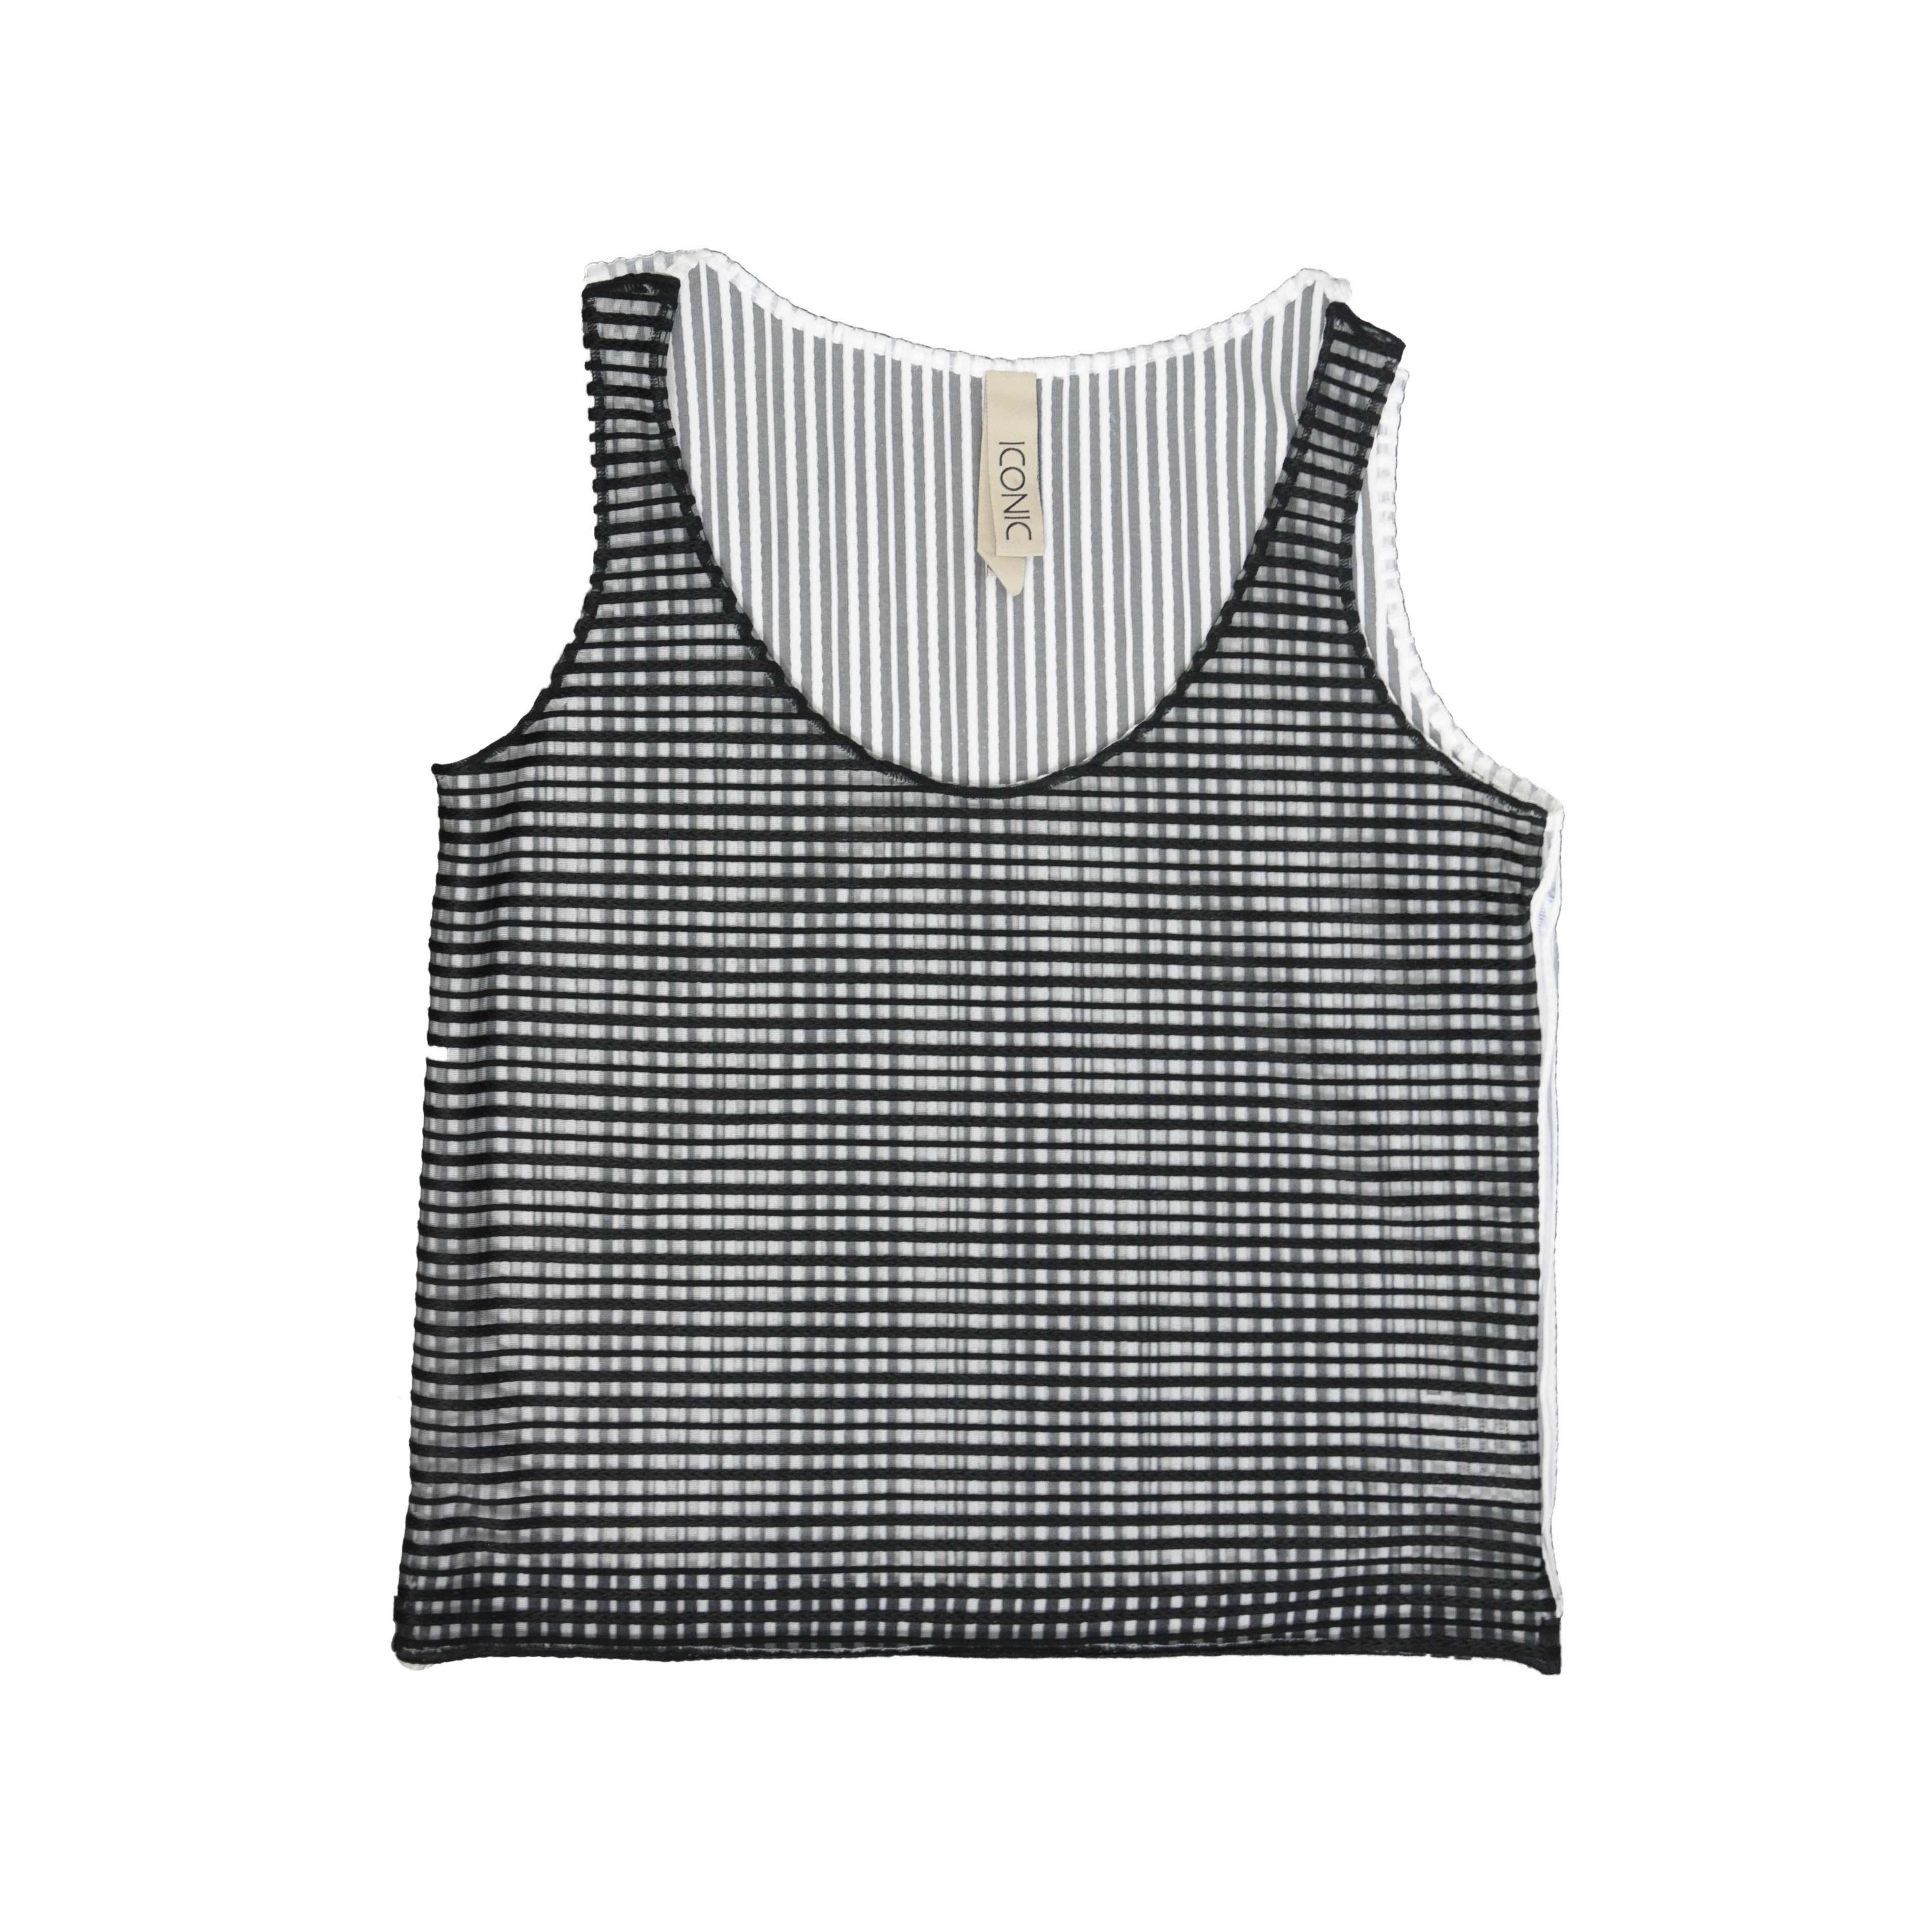 Canotta a righe black and white linea Iconic - PIANURASTUDIO